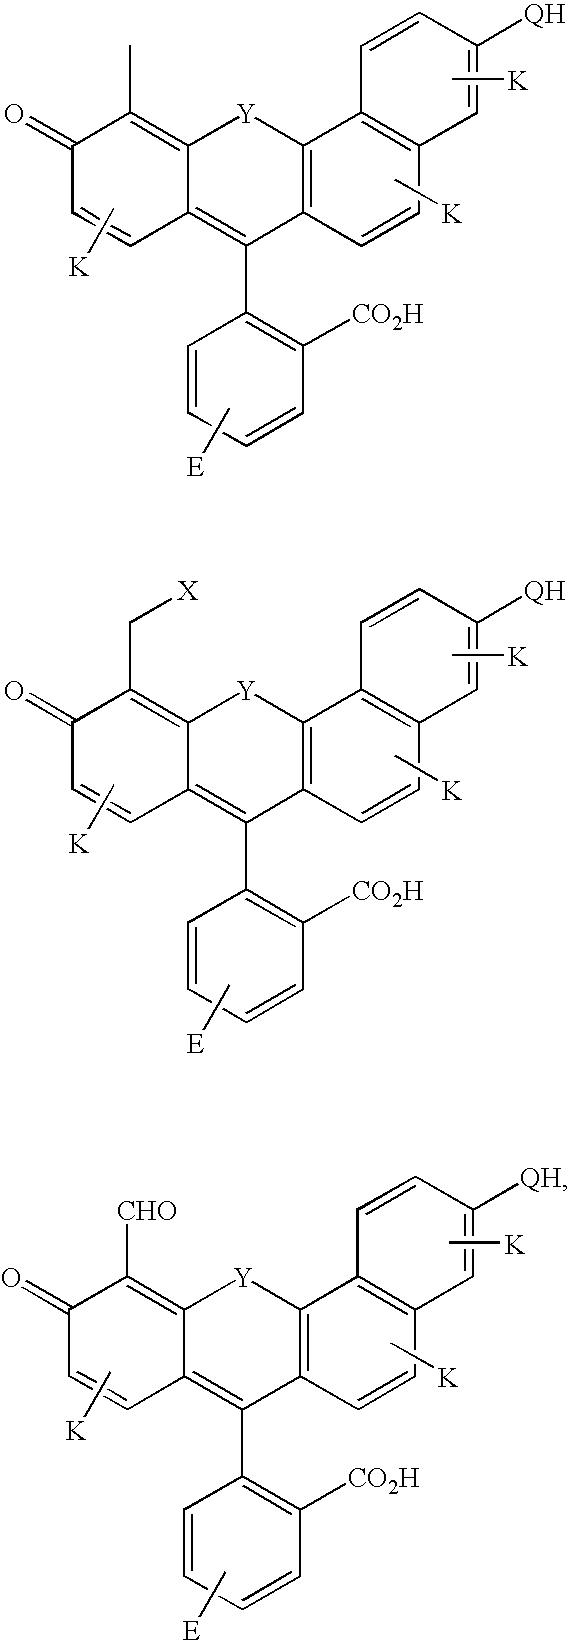 Figure US07488820-20090210-C00007